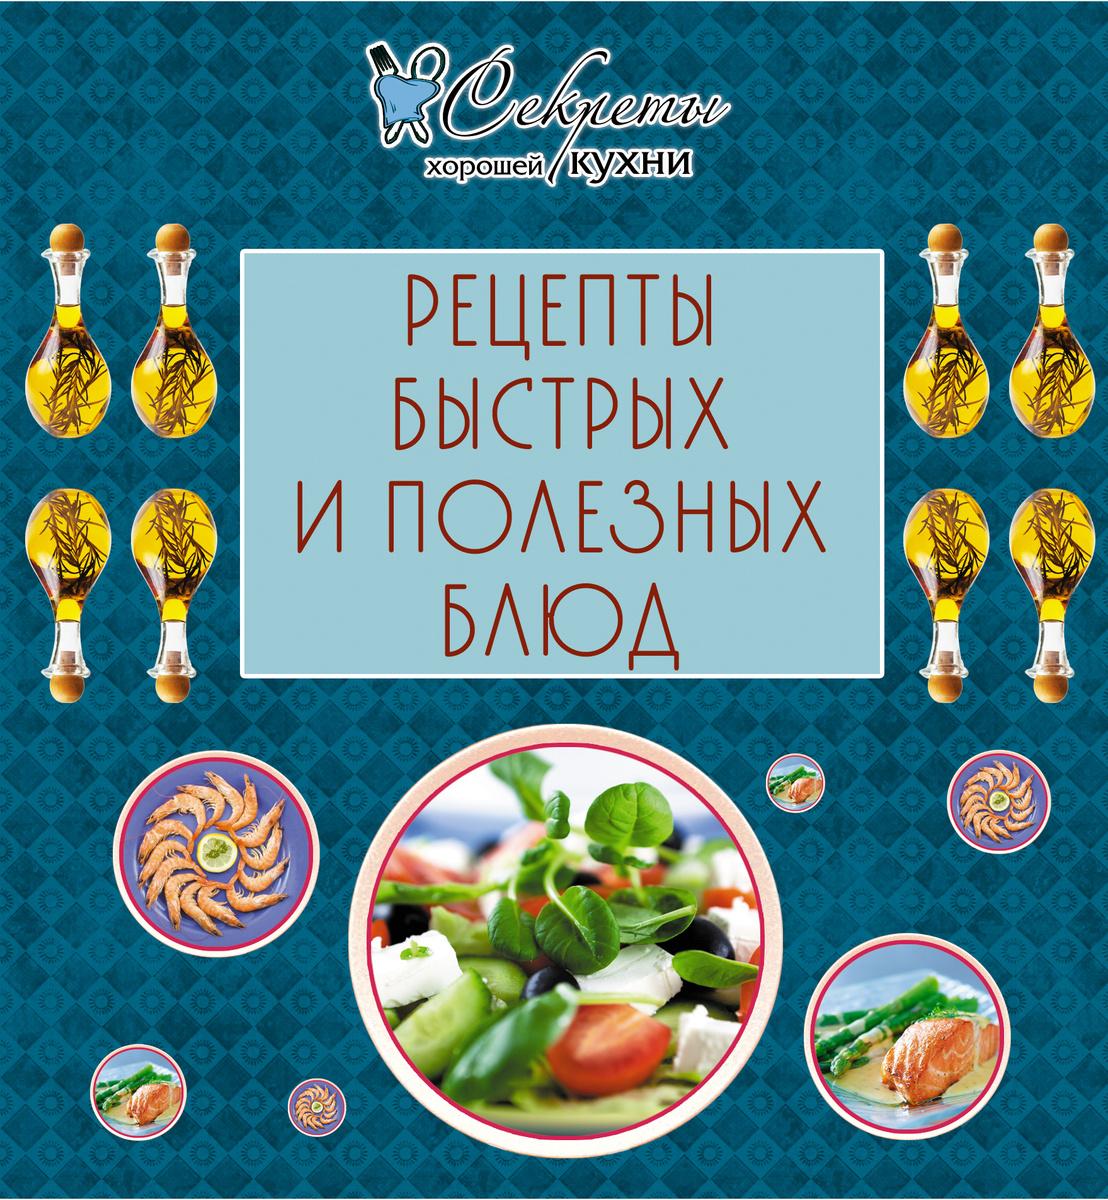 Рецепты быстрых и полезных блюд | Нет автора #1